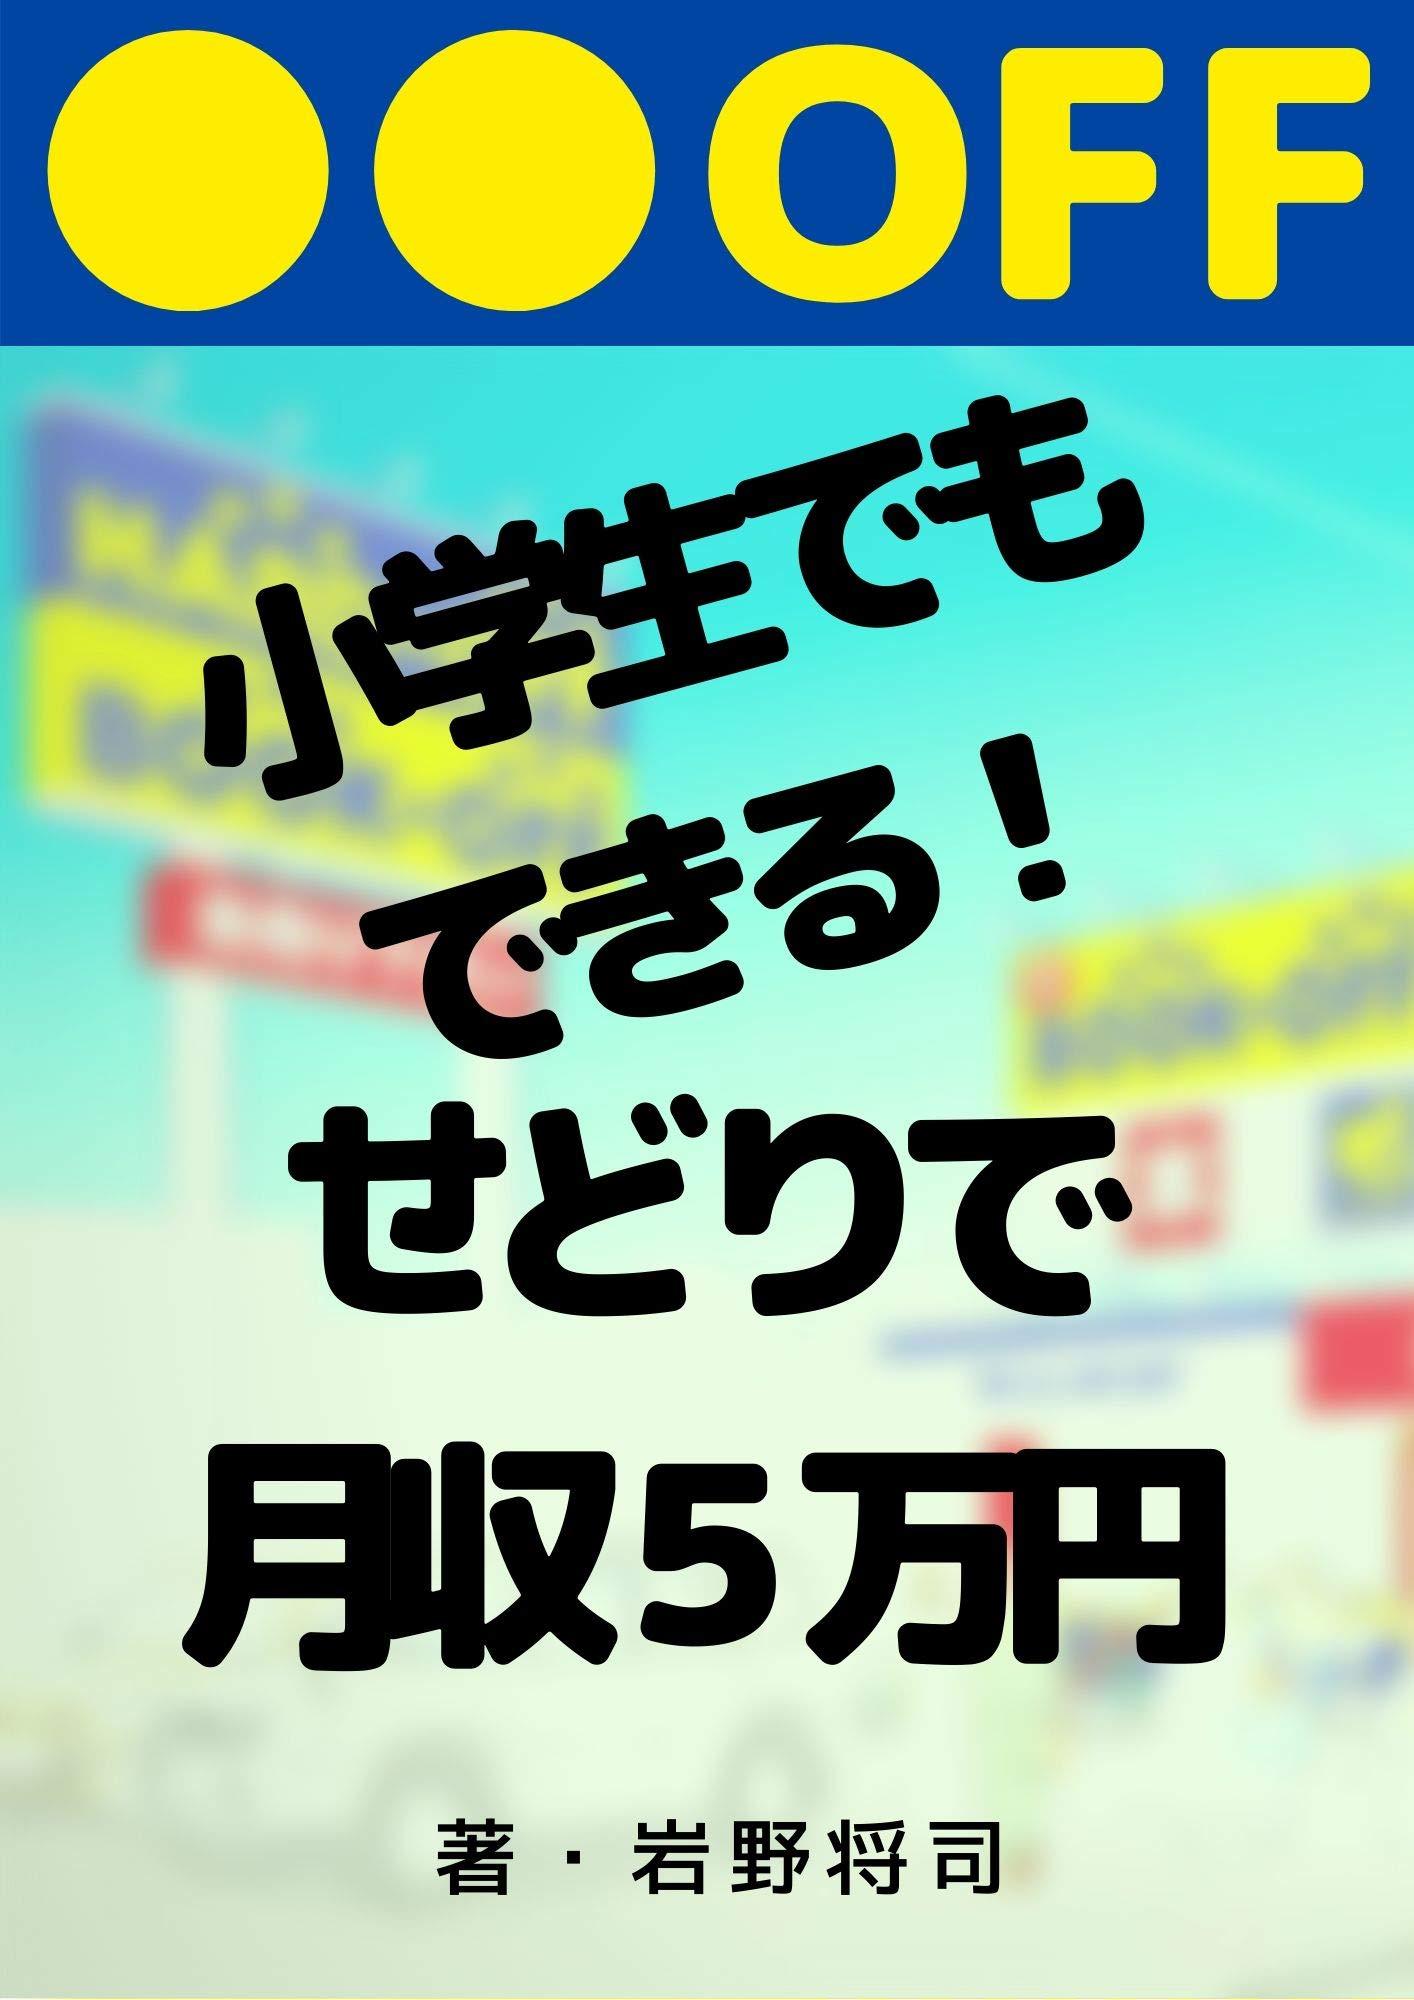 syougakuseidemodekirusedoridegessyuugomannenn kanntannsedori (sedorizume) (Japanese Edition)